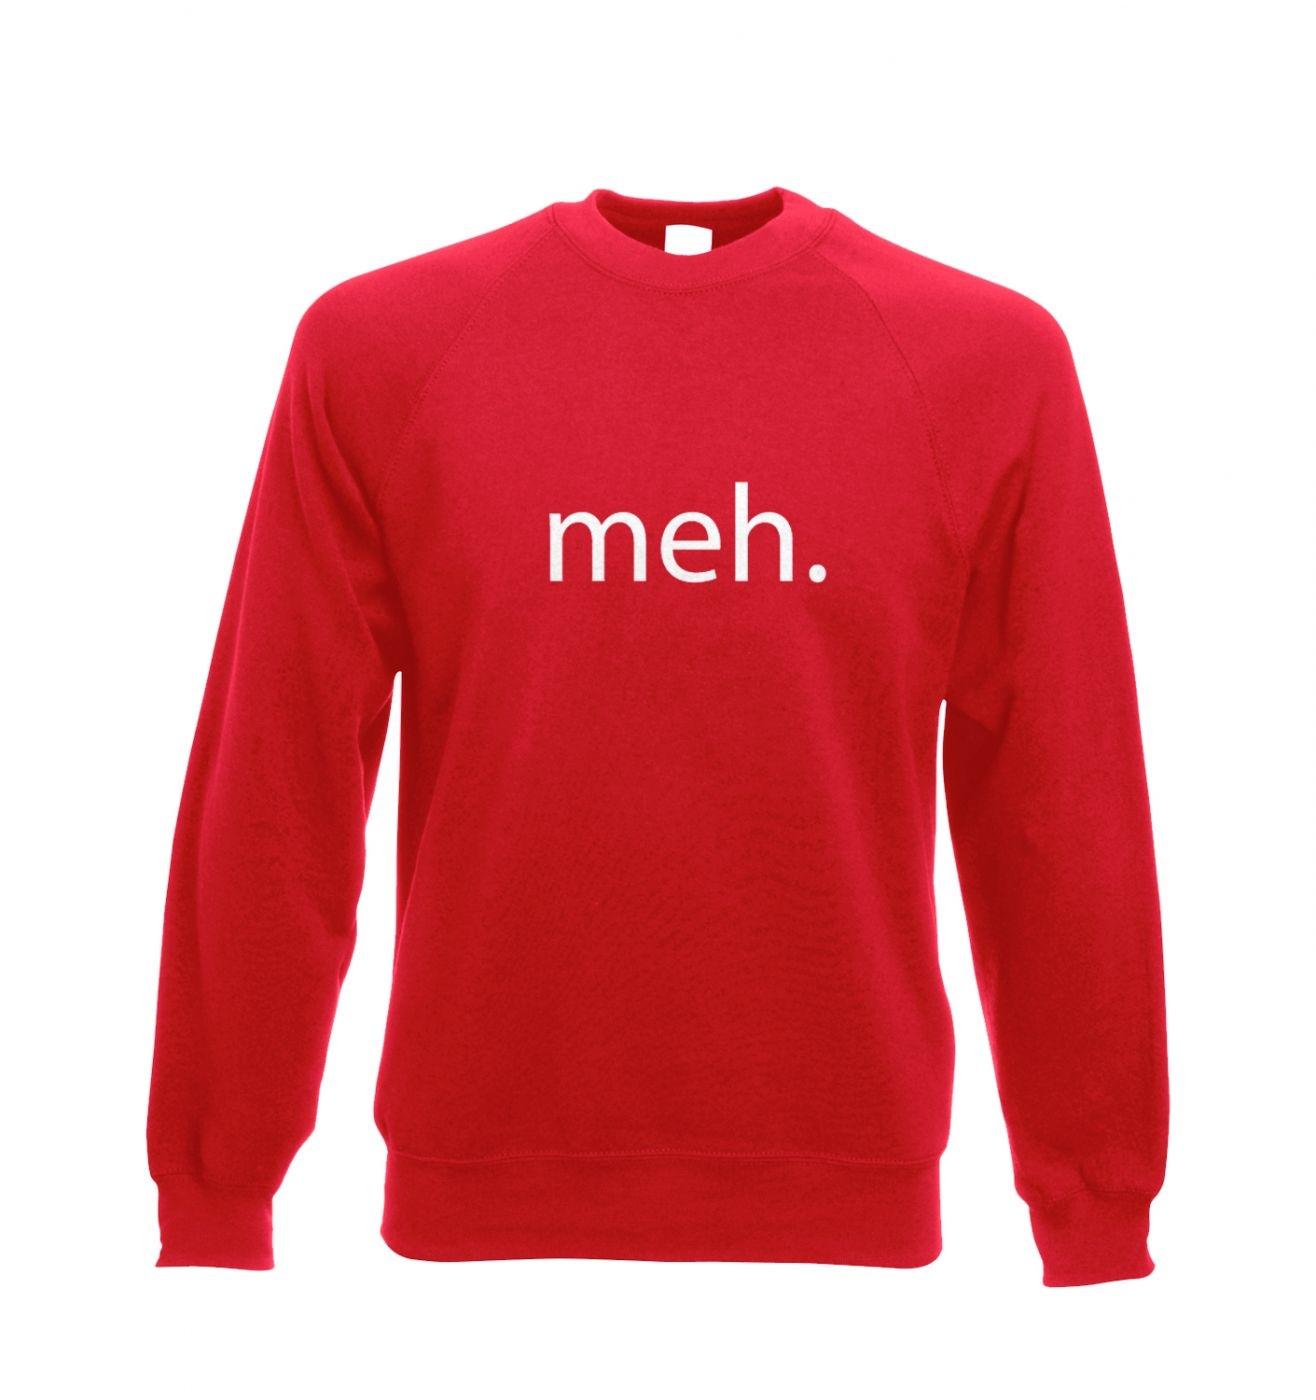 Meh adult's crewneck sweatshirt